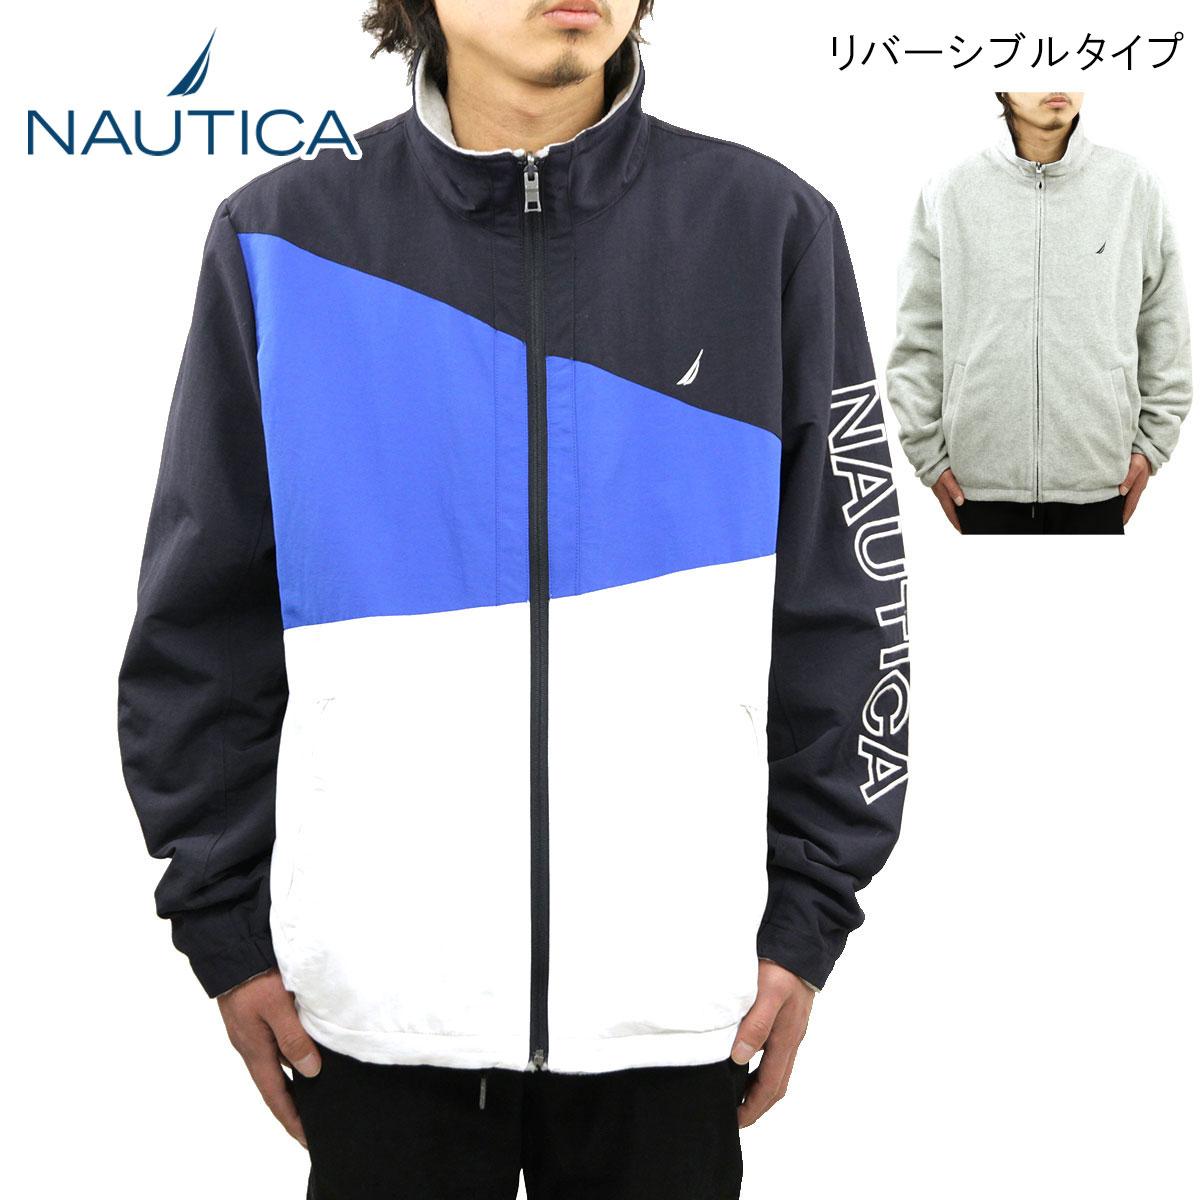 ノーティカ NAUTICA 正規品 メンズ アウタージャケット ZIP UP NYLON REVERSIBLE JACKET